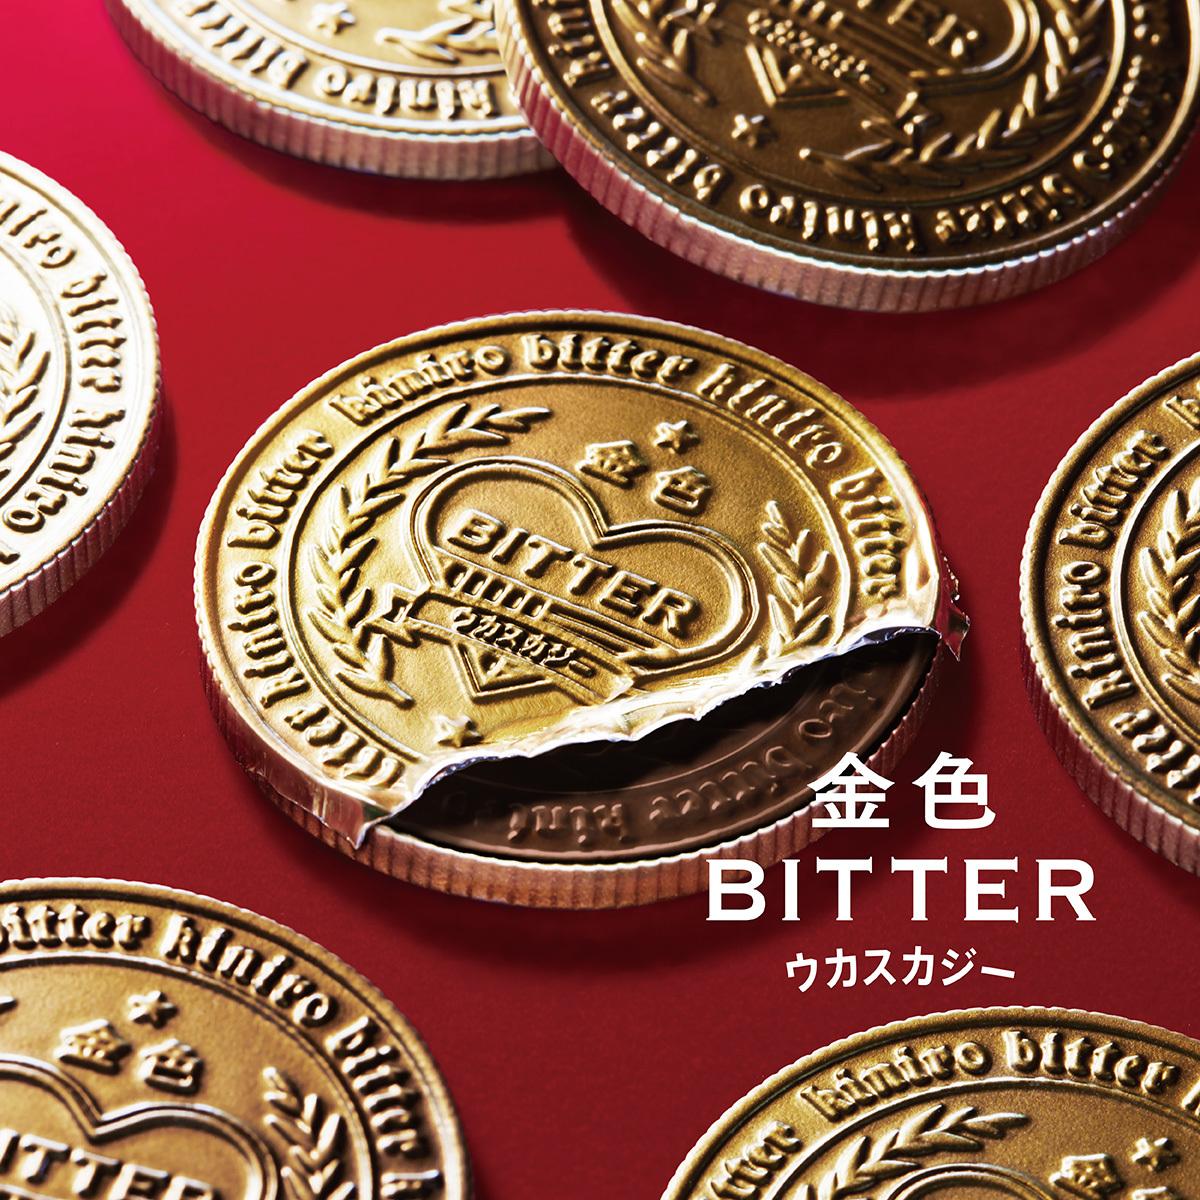 配信限定ミニアルバム『金色 BITTER』